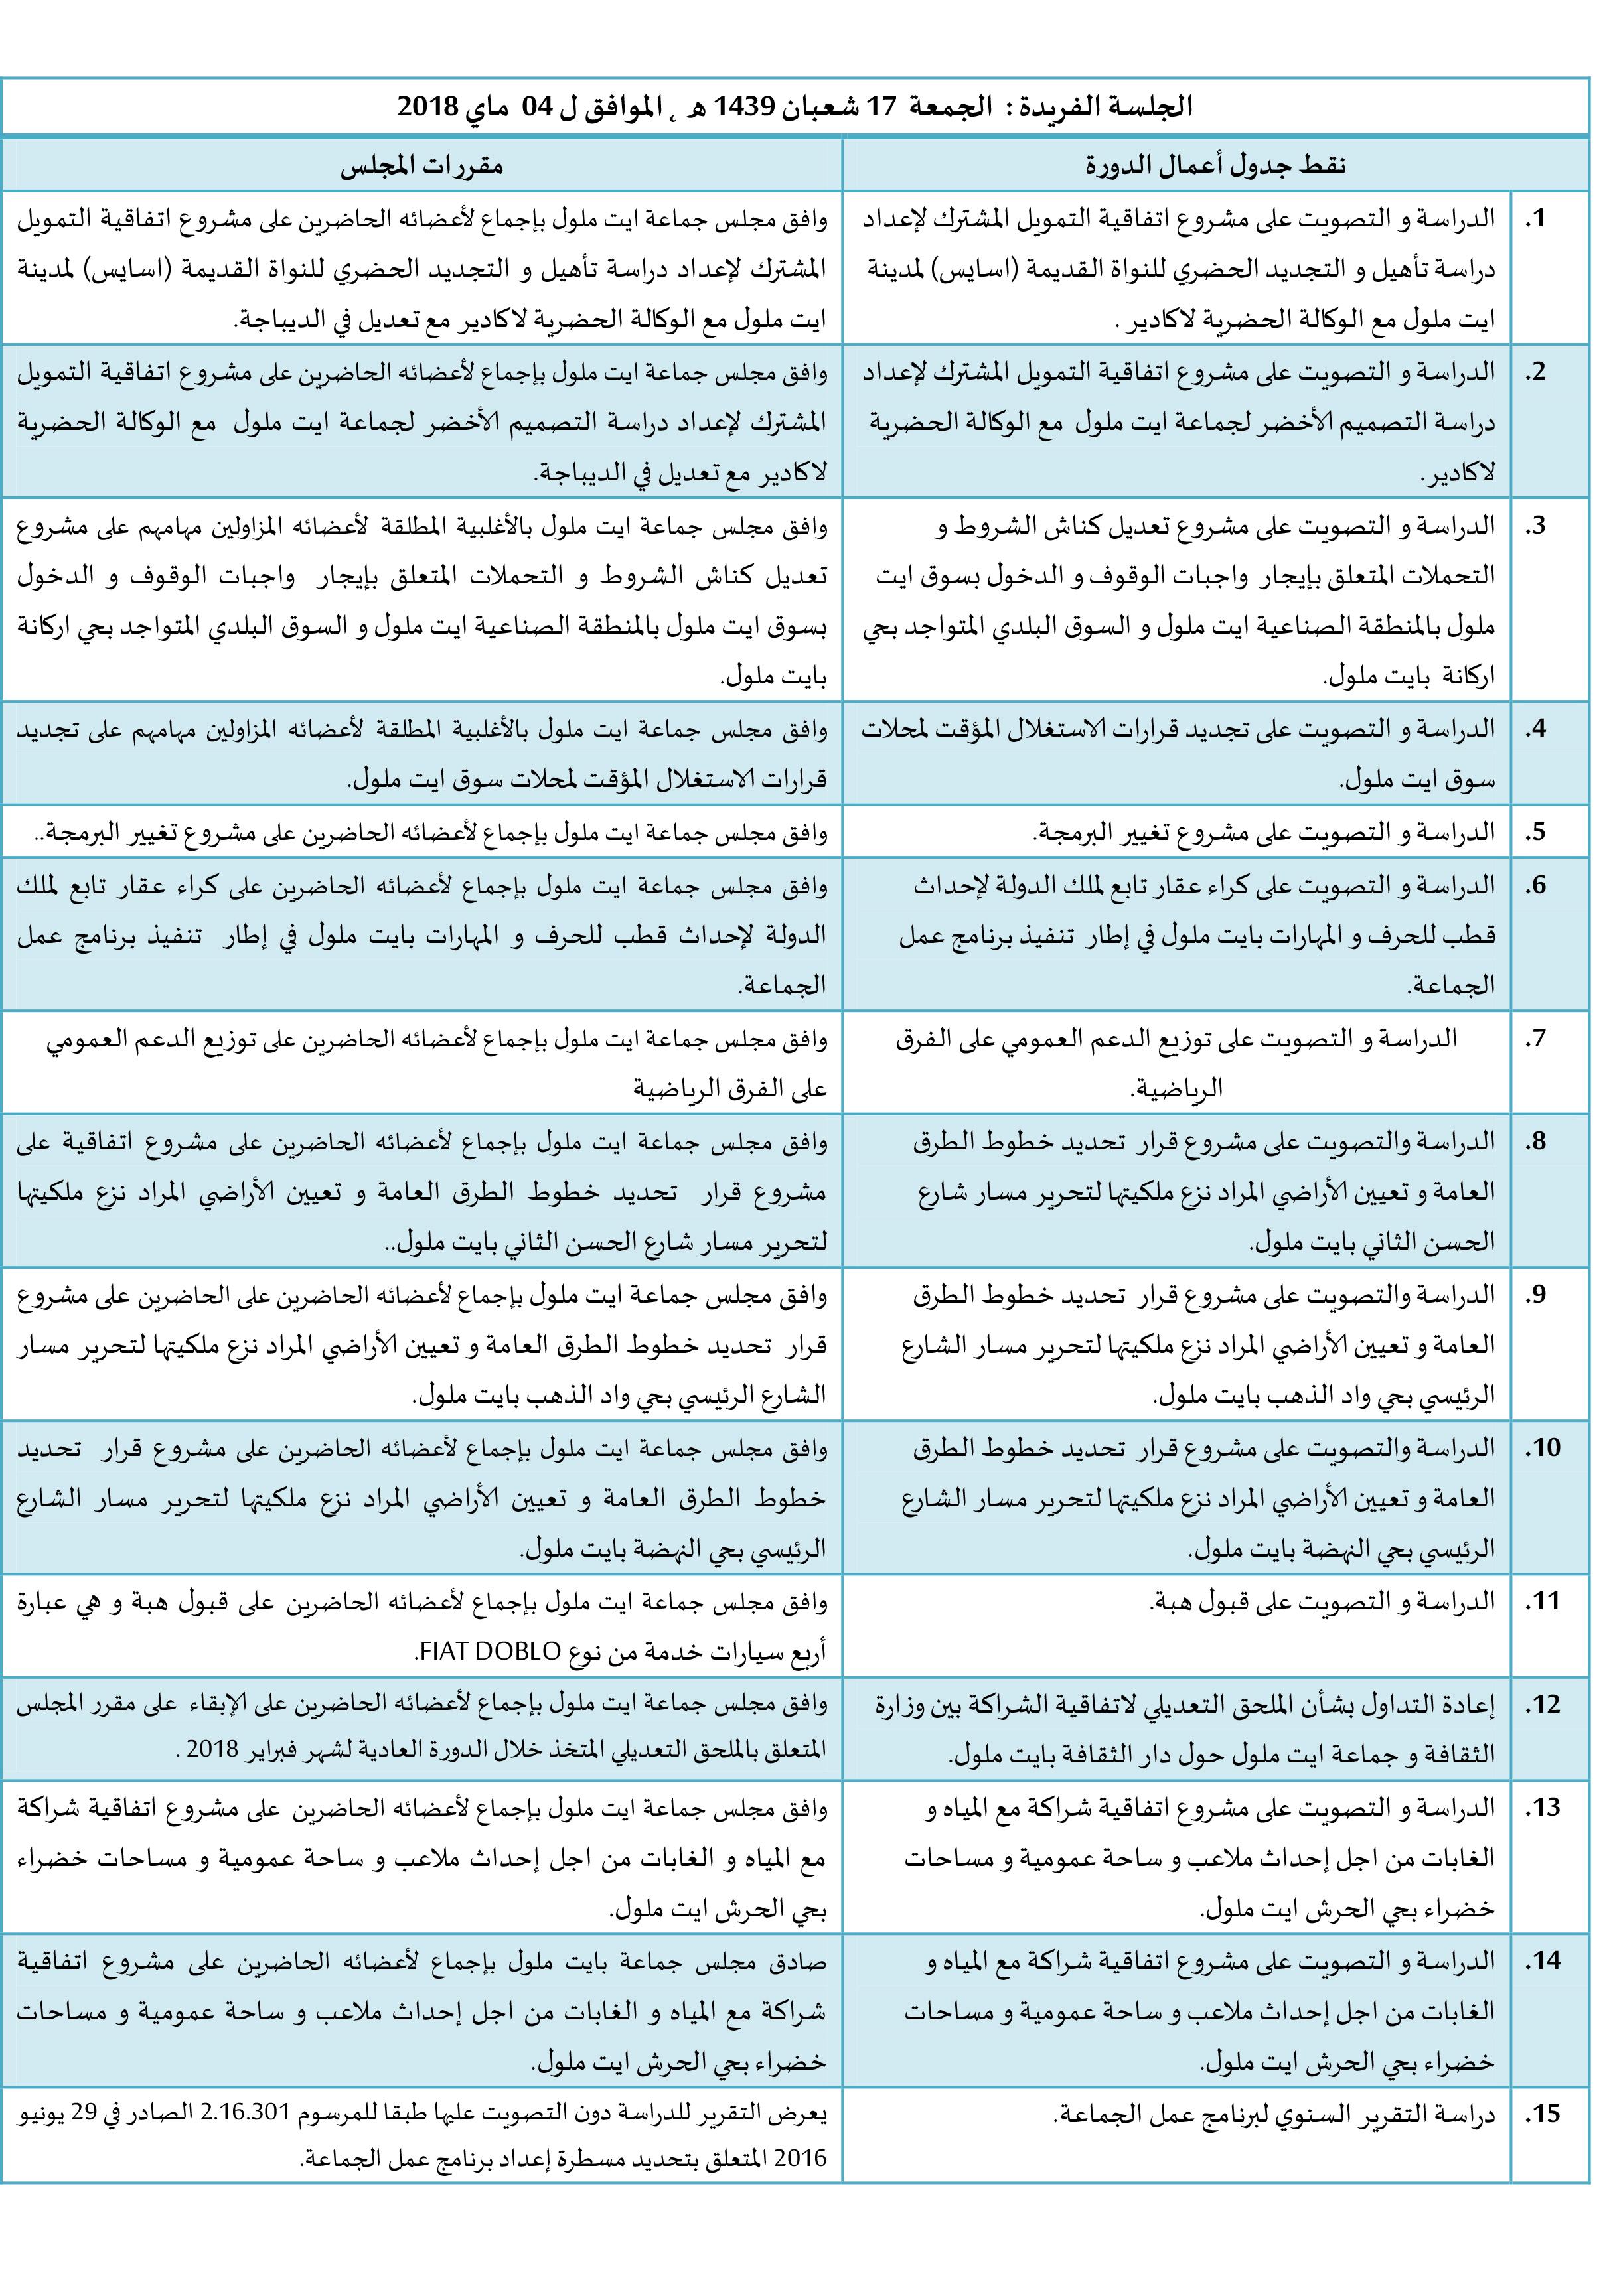 ملخص مقررات الدورة العادية لشهر ماي 2018